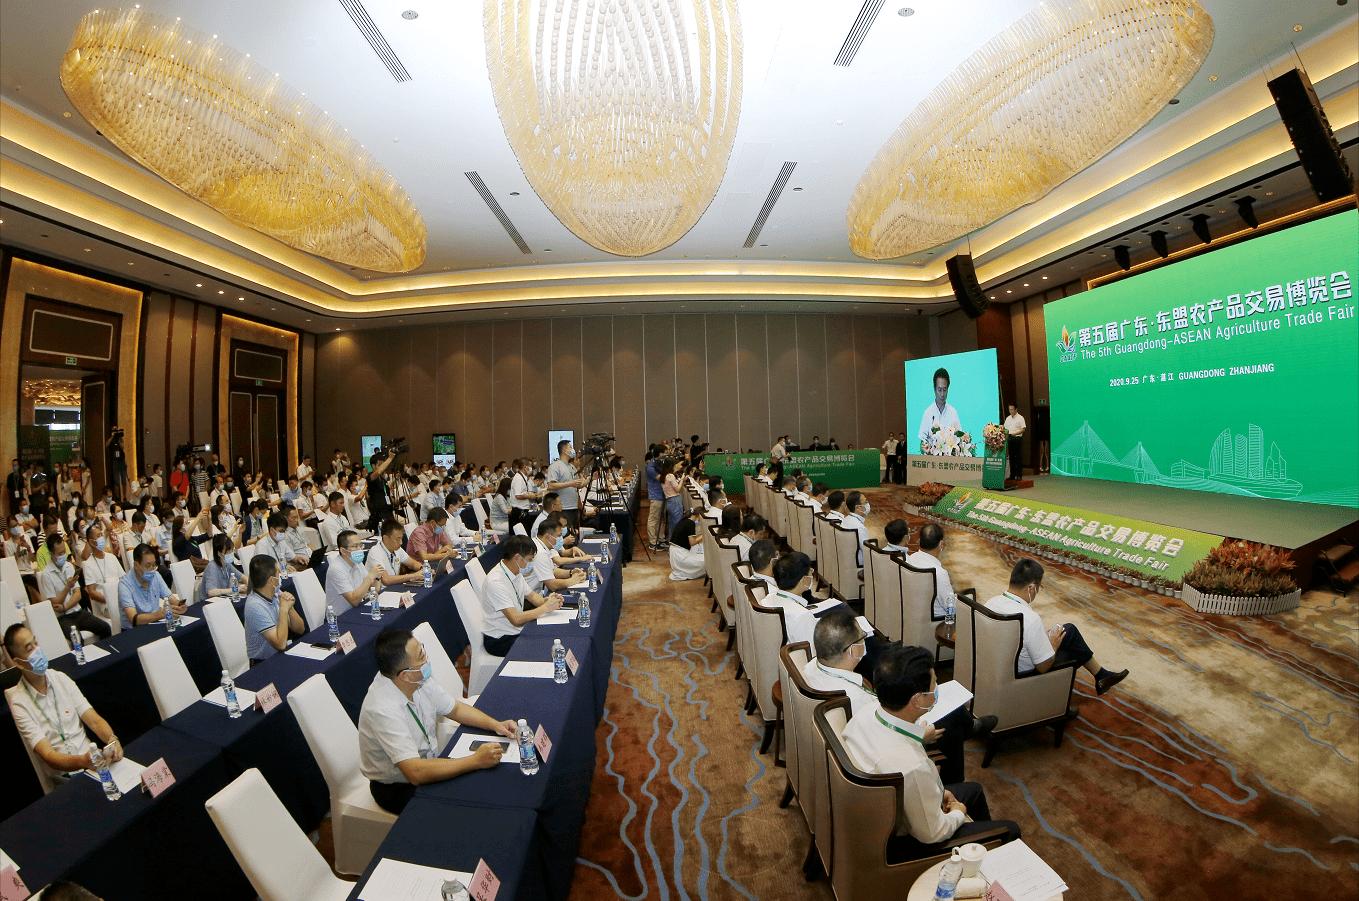 以全新模式办展,4大亮点吸睛——第五届广东?东盟农博会9月25日在湛江举办